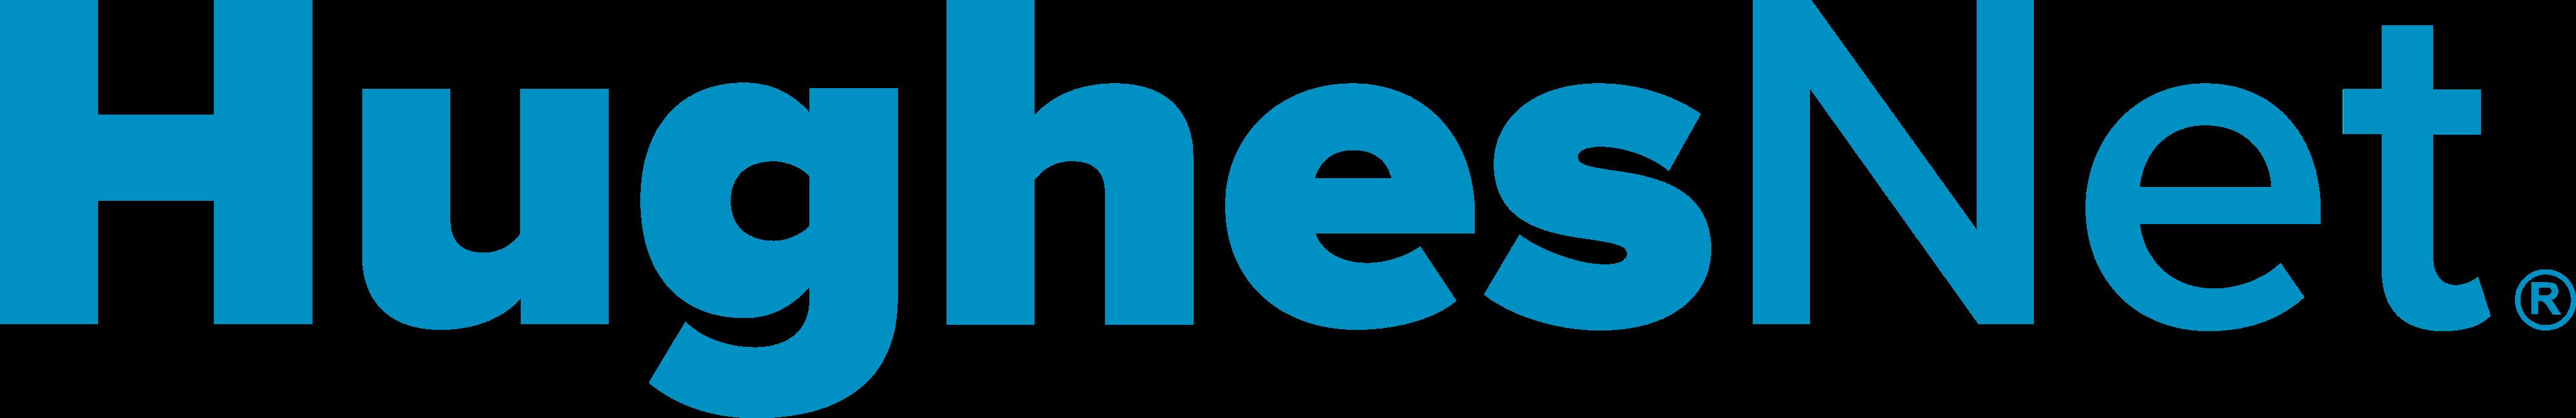 hughesnet-logo